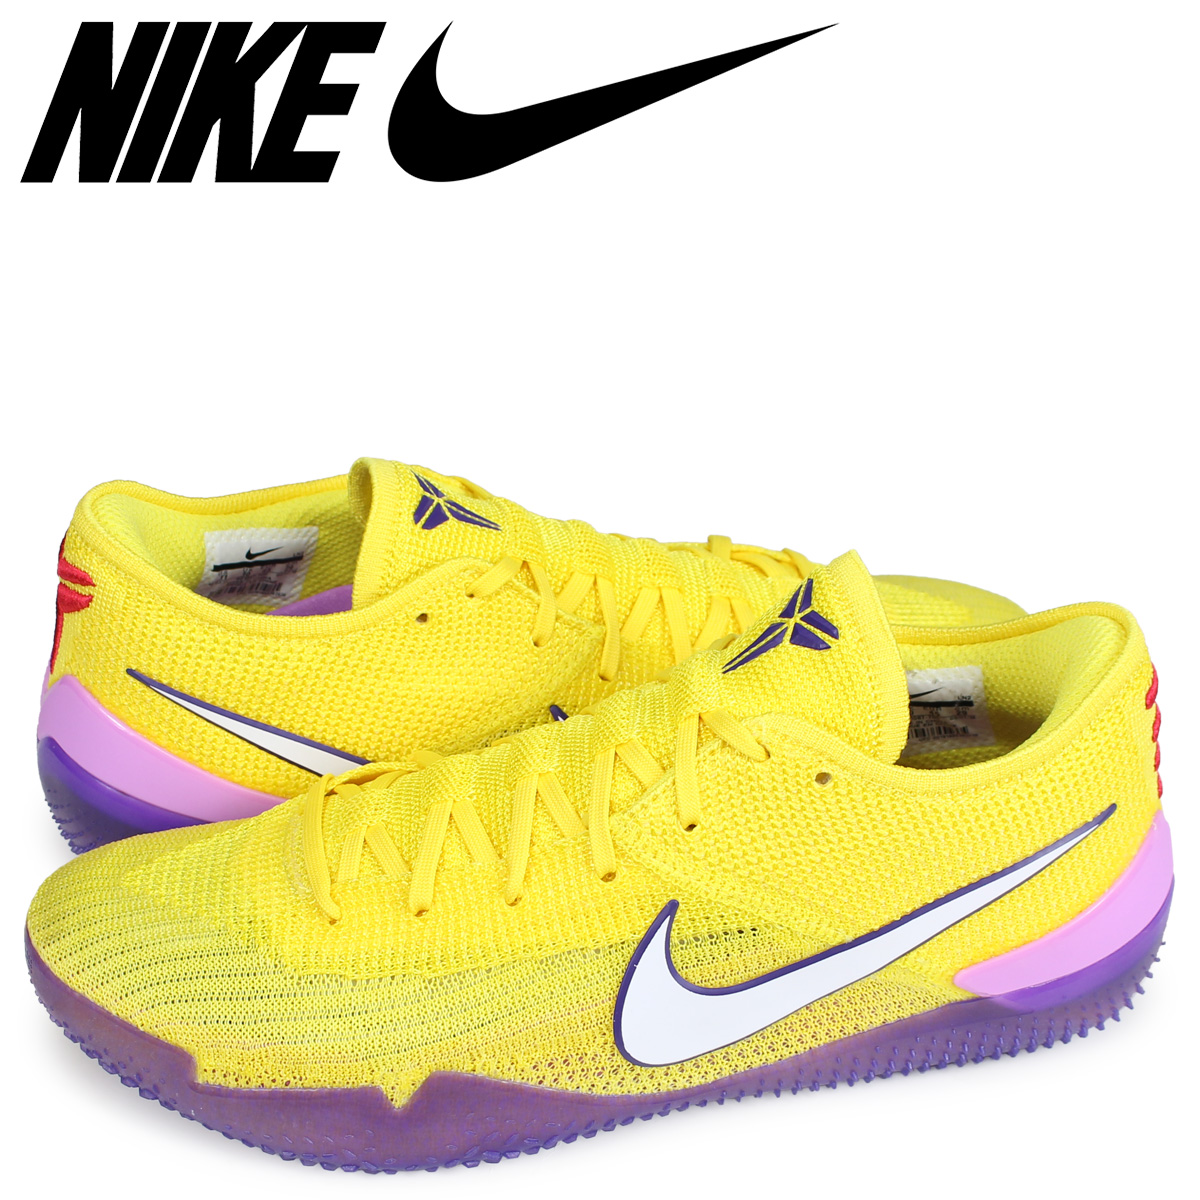 【最大2000円OFFクーポン】 NIKE KOBE NXT 360 Lakers ナイキ コービー スニーカー メンズ イエロー AQ1087-700 [2/21 新入荷]